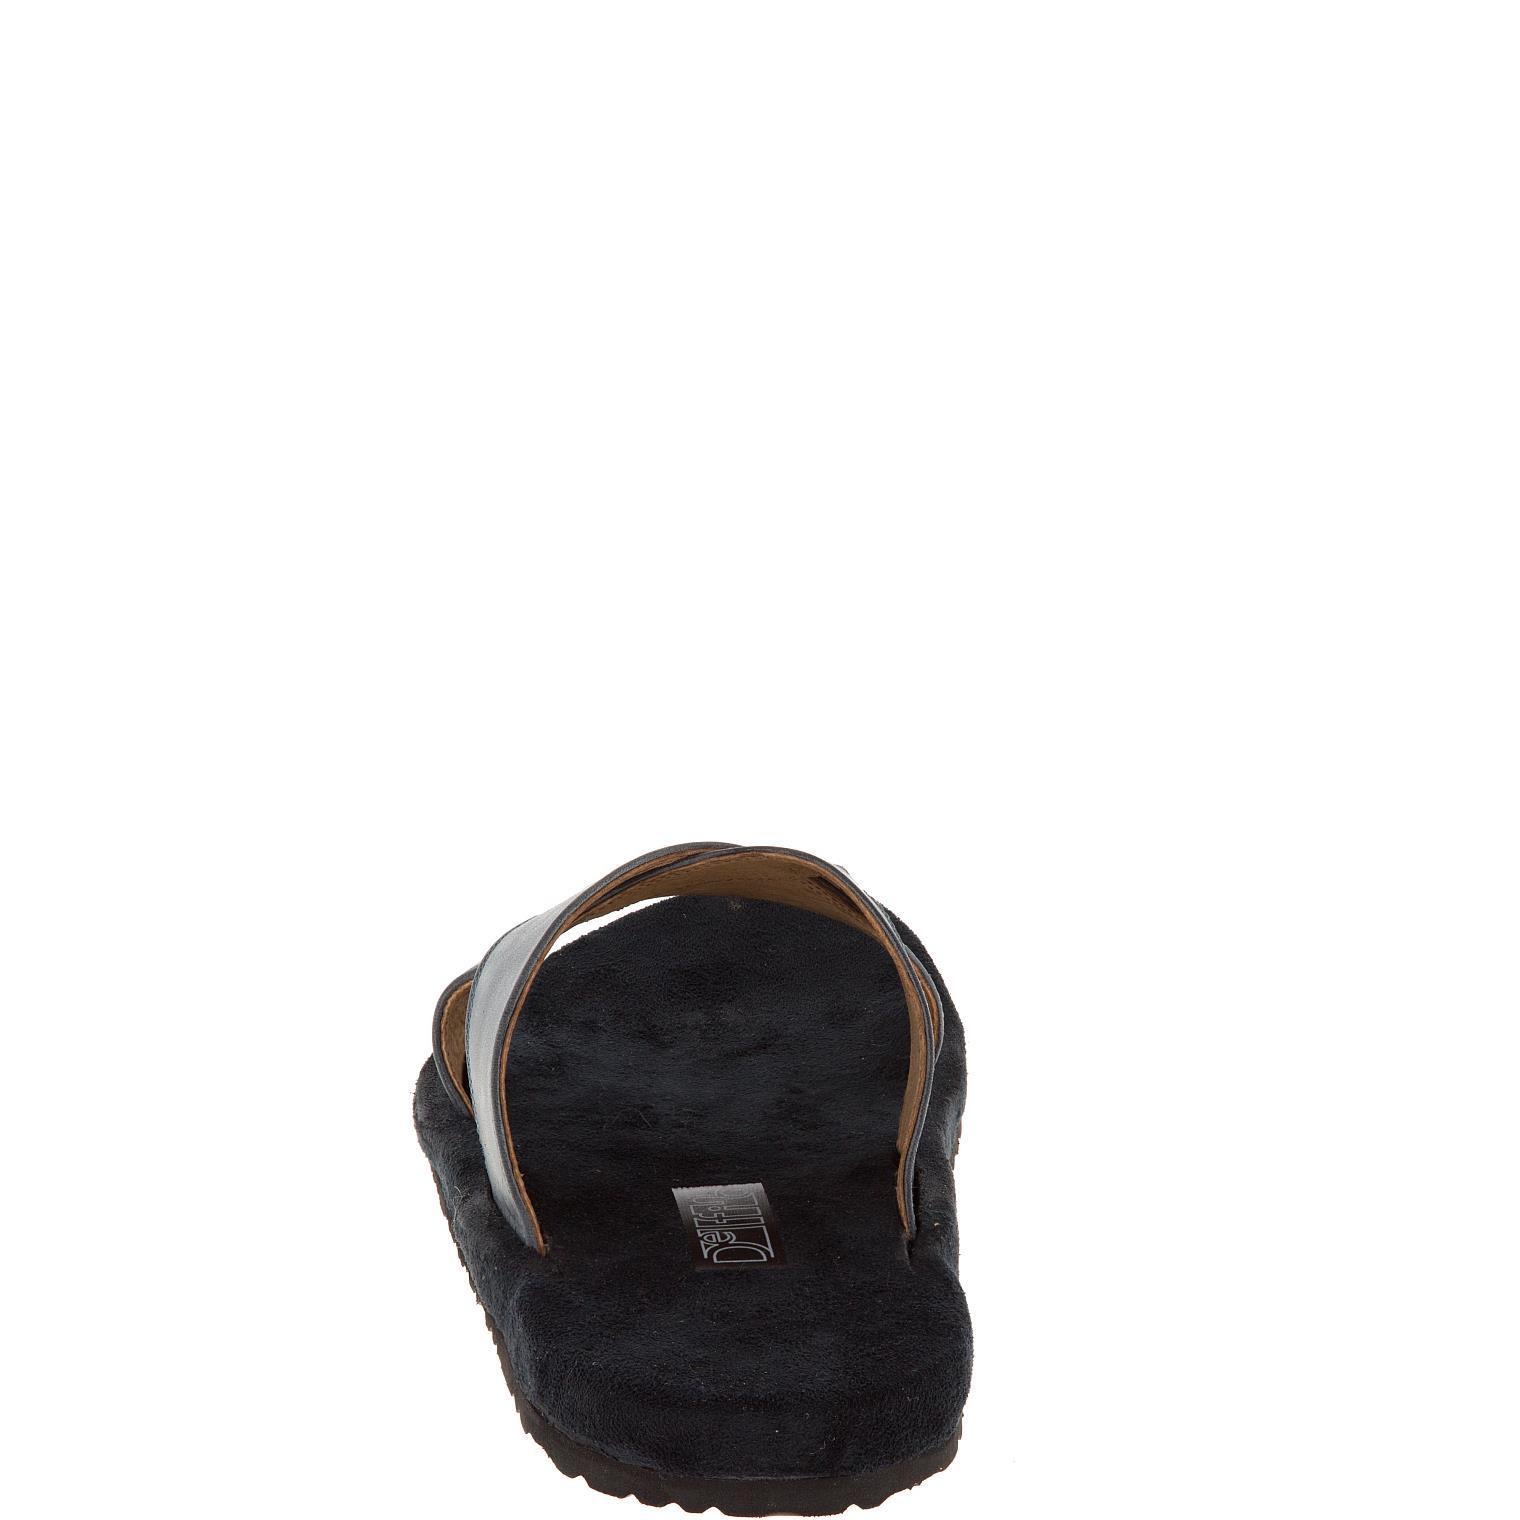 577157 сабо мужские серые больших размеров марки Делфино